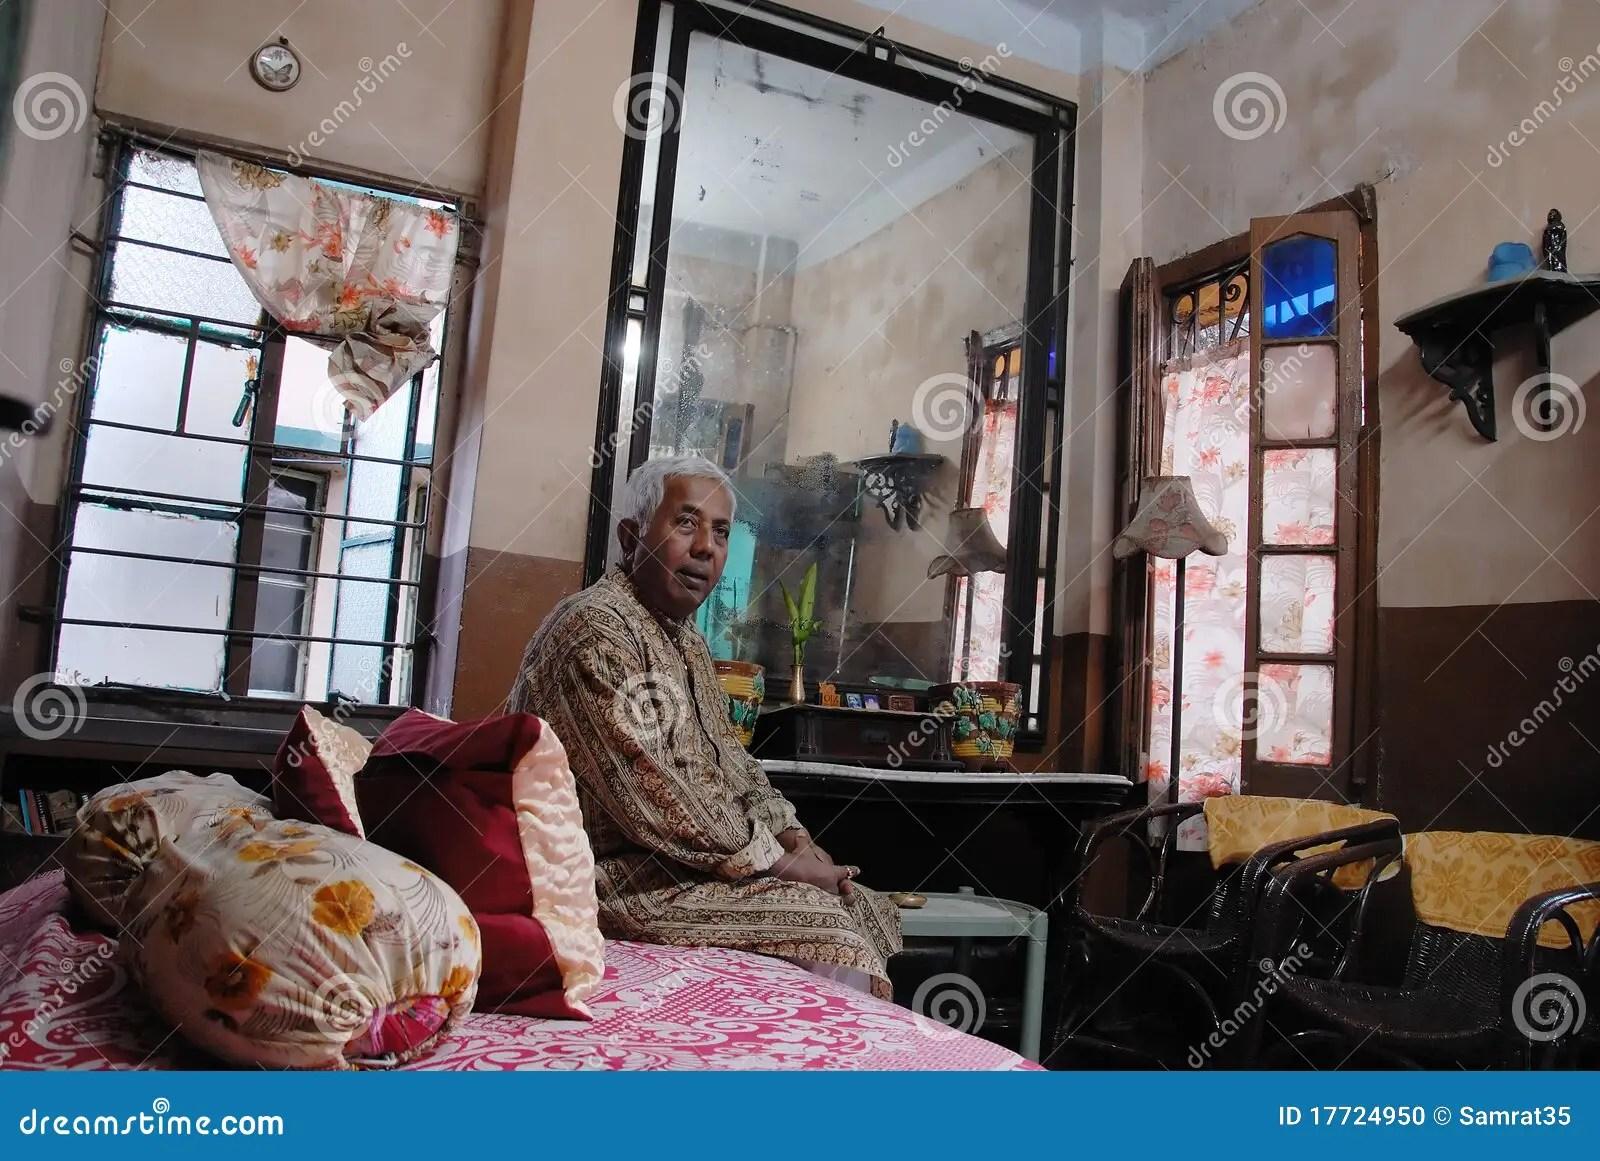 U Furniture Kolkata